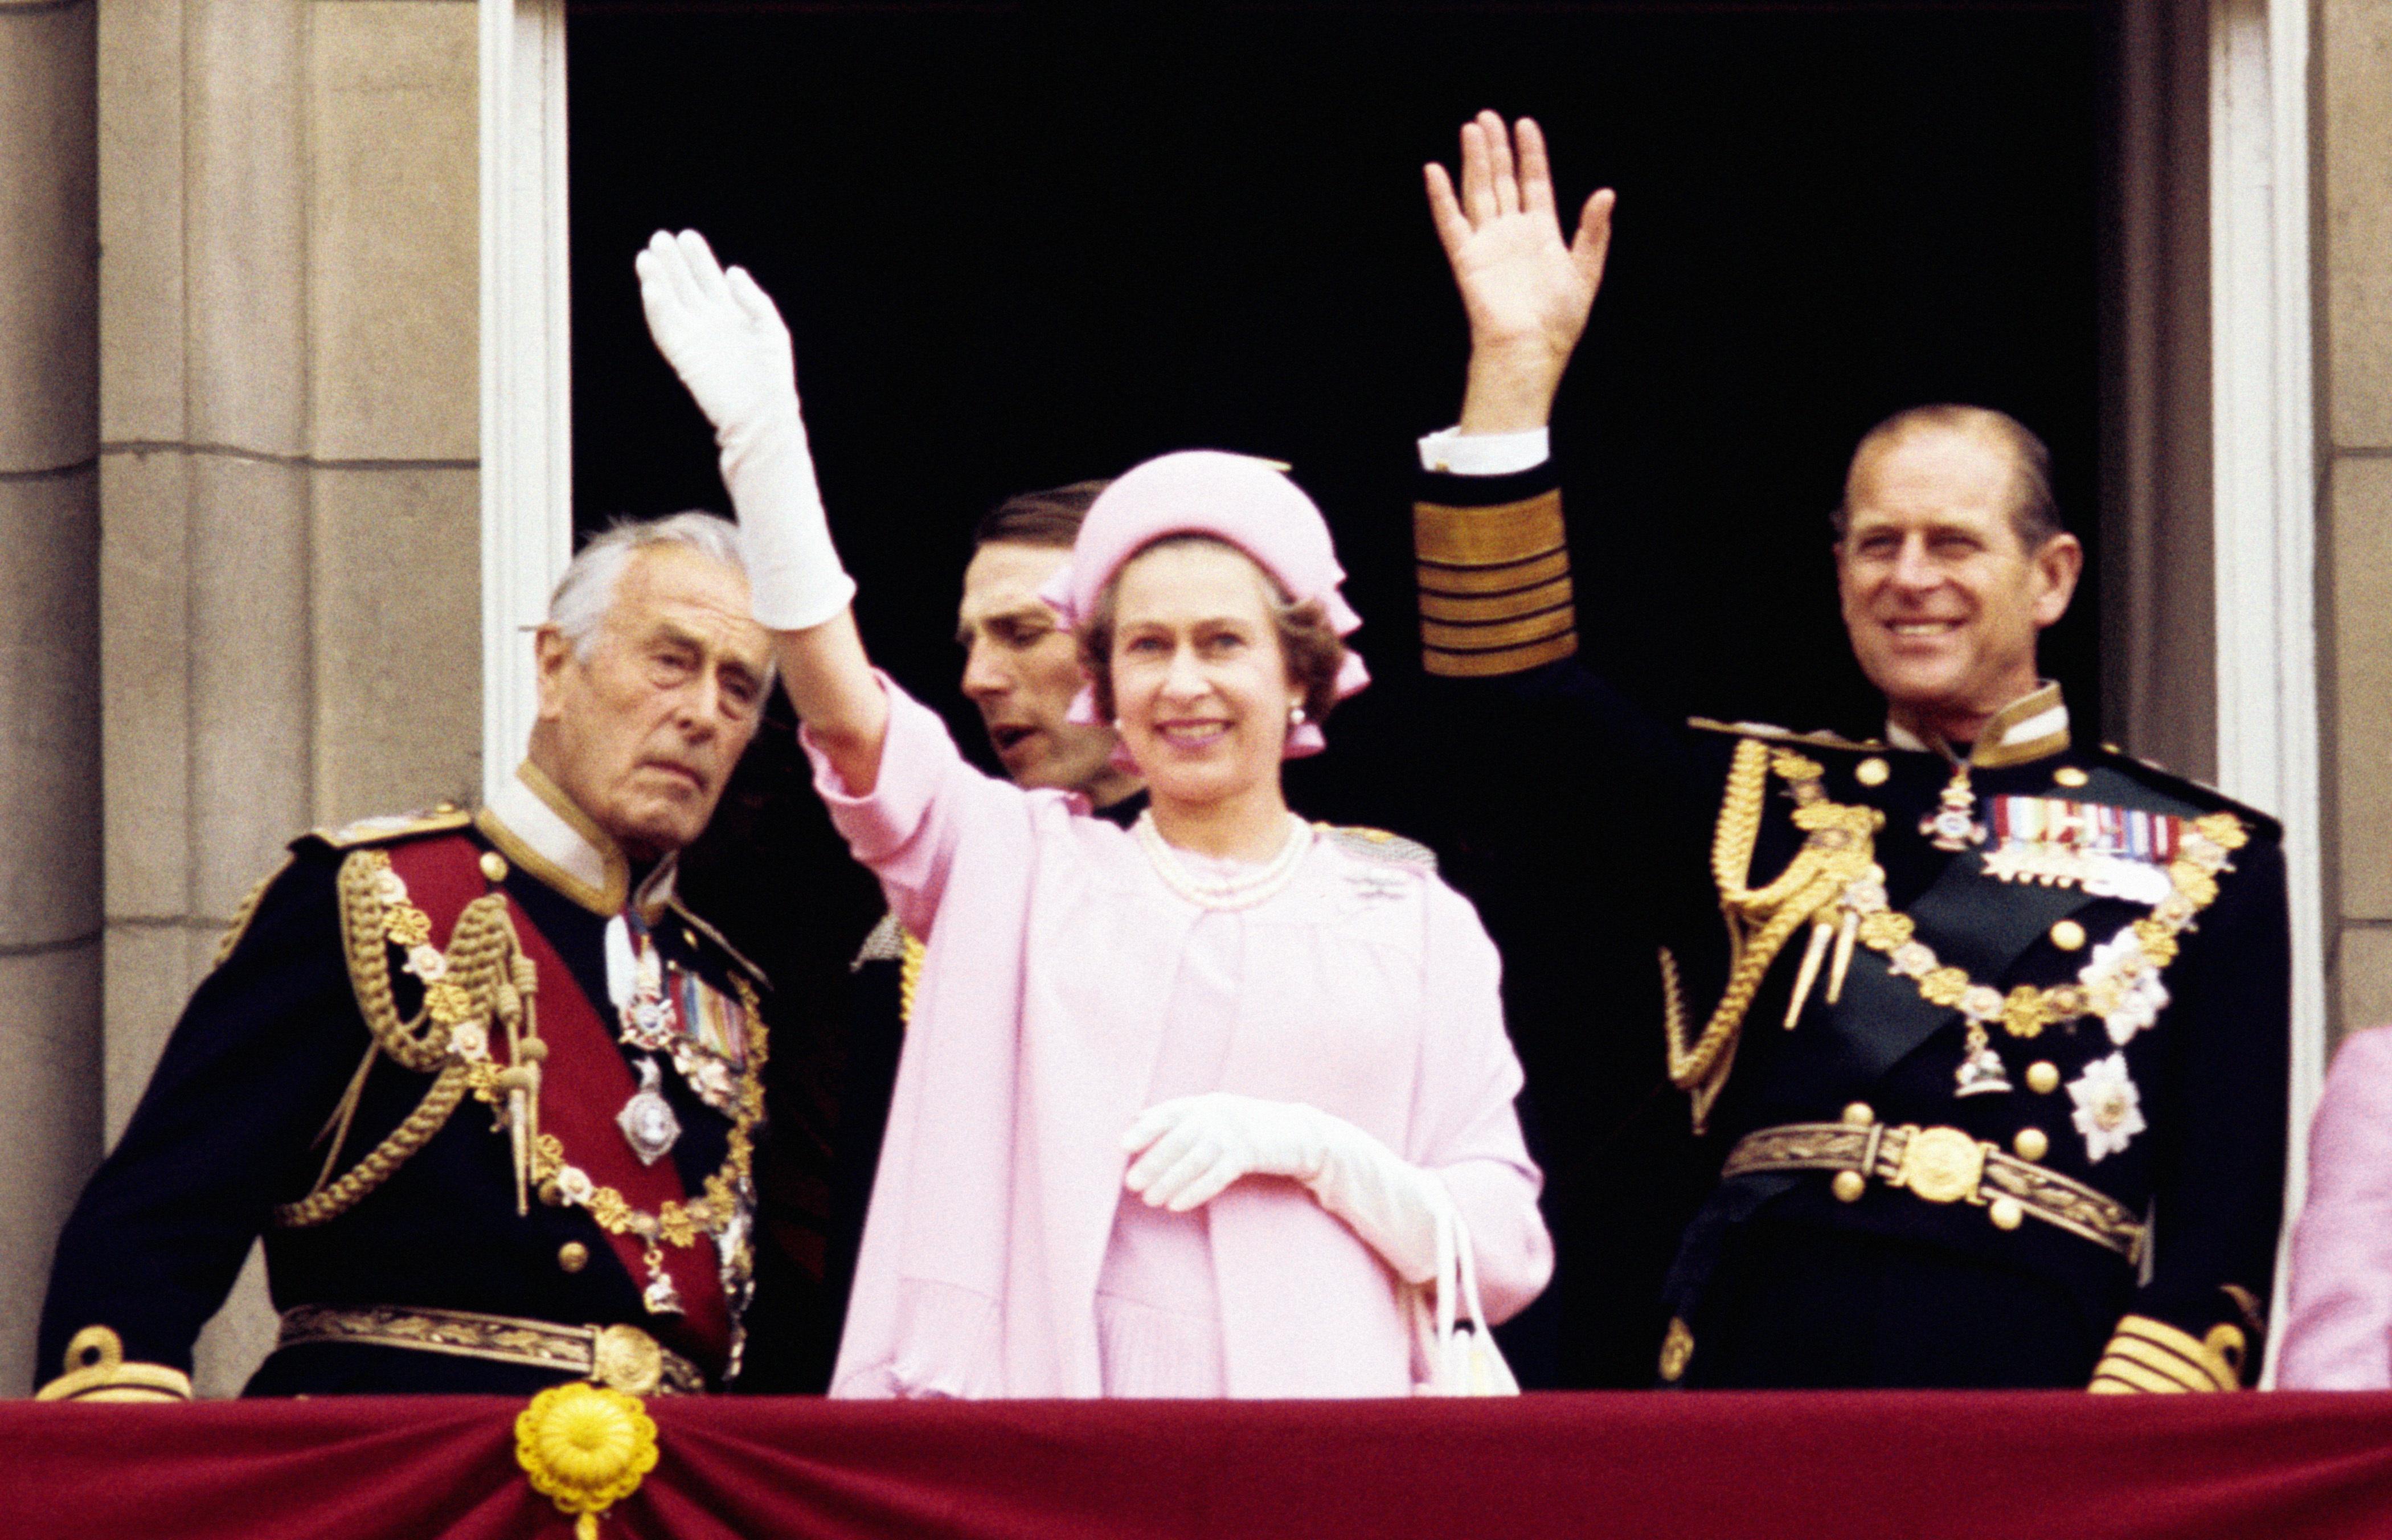 Queen Silver Jubilee